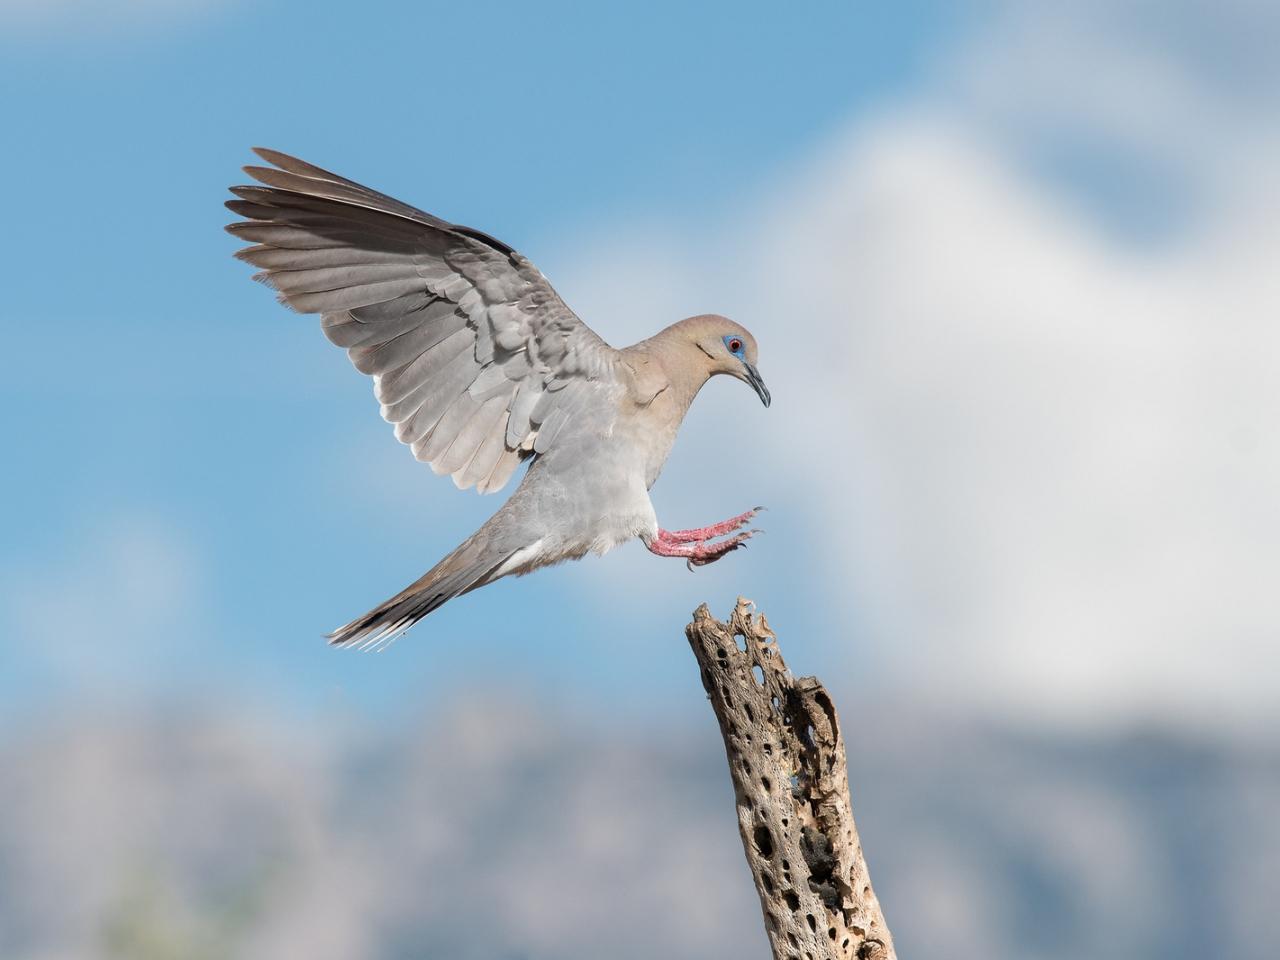 Paloma aterrizando en un palo - 1280x960